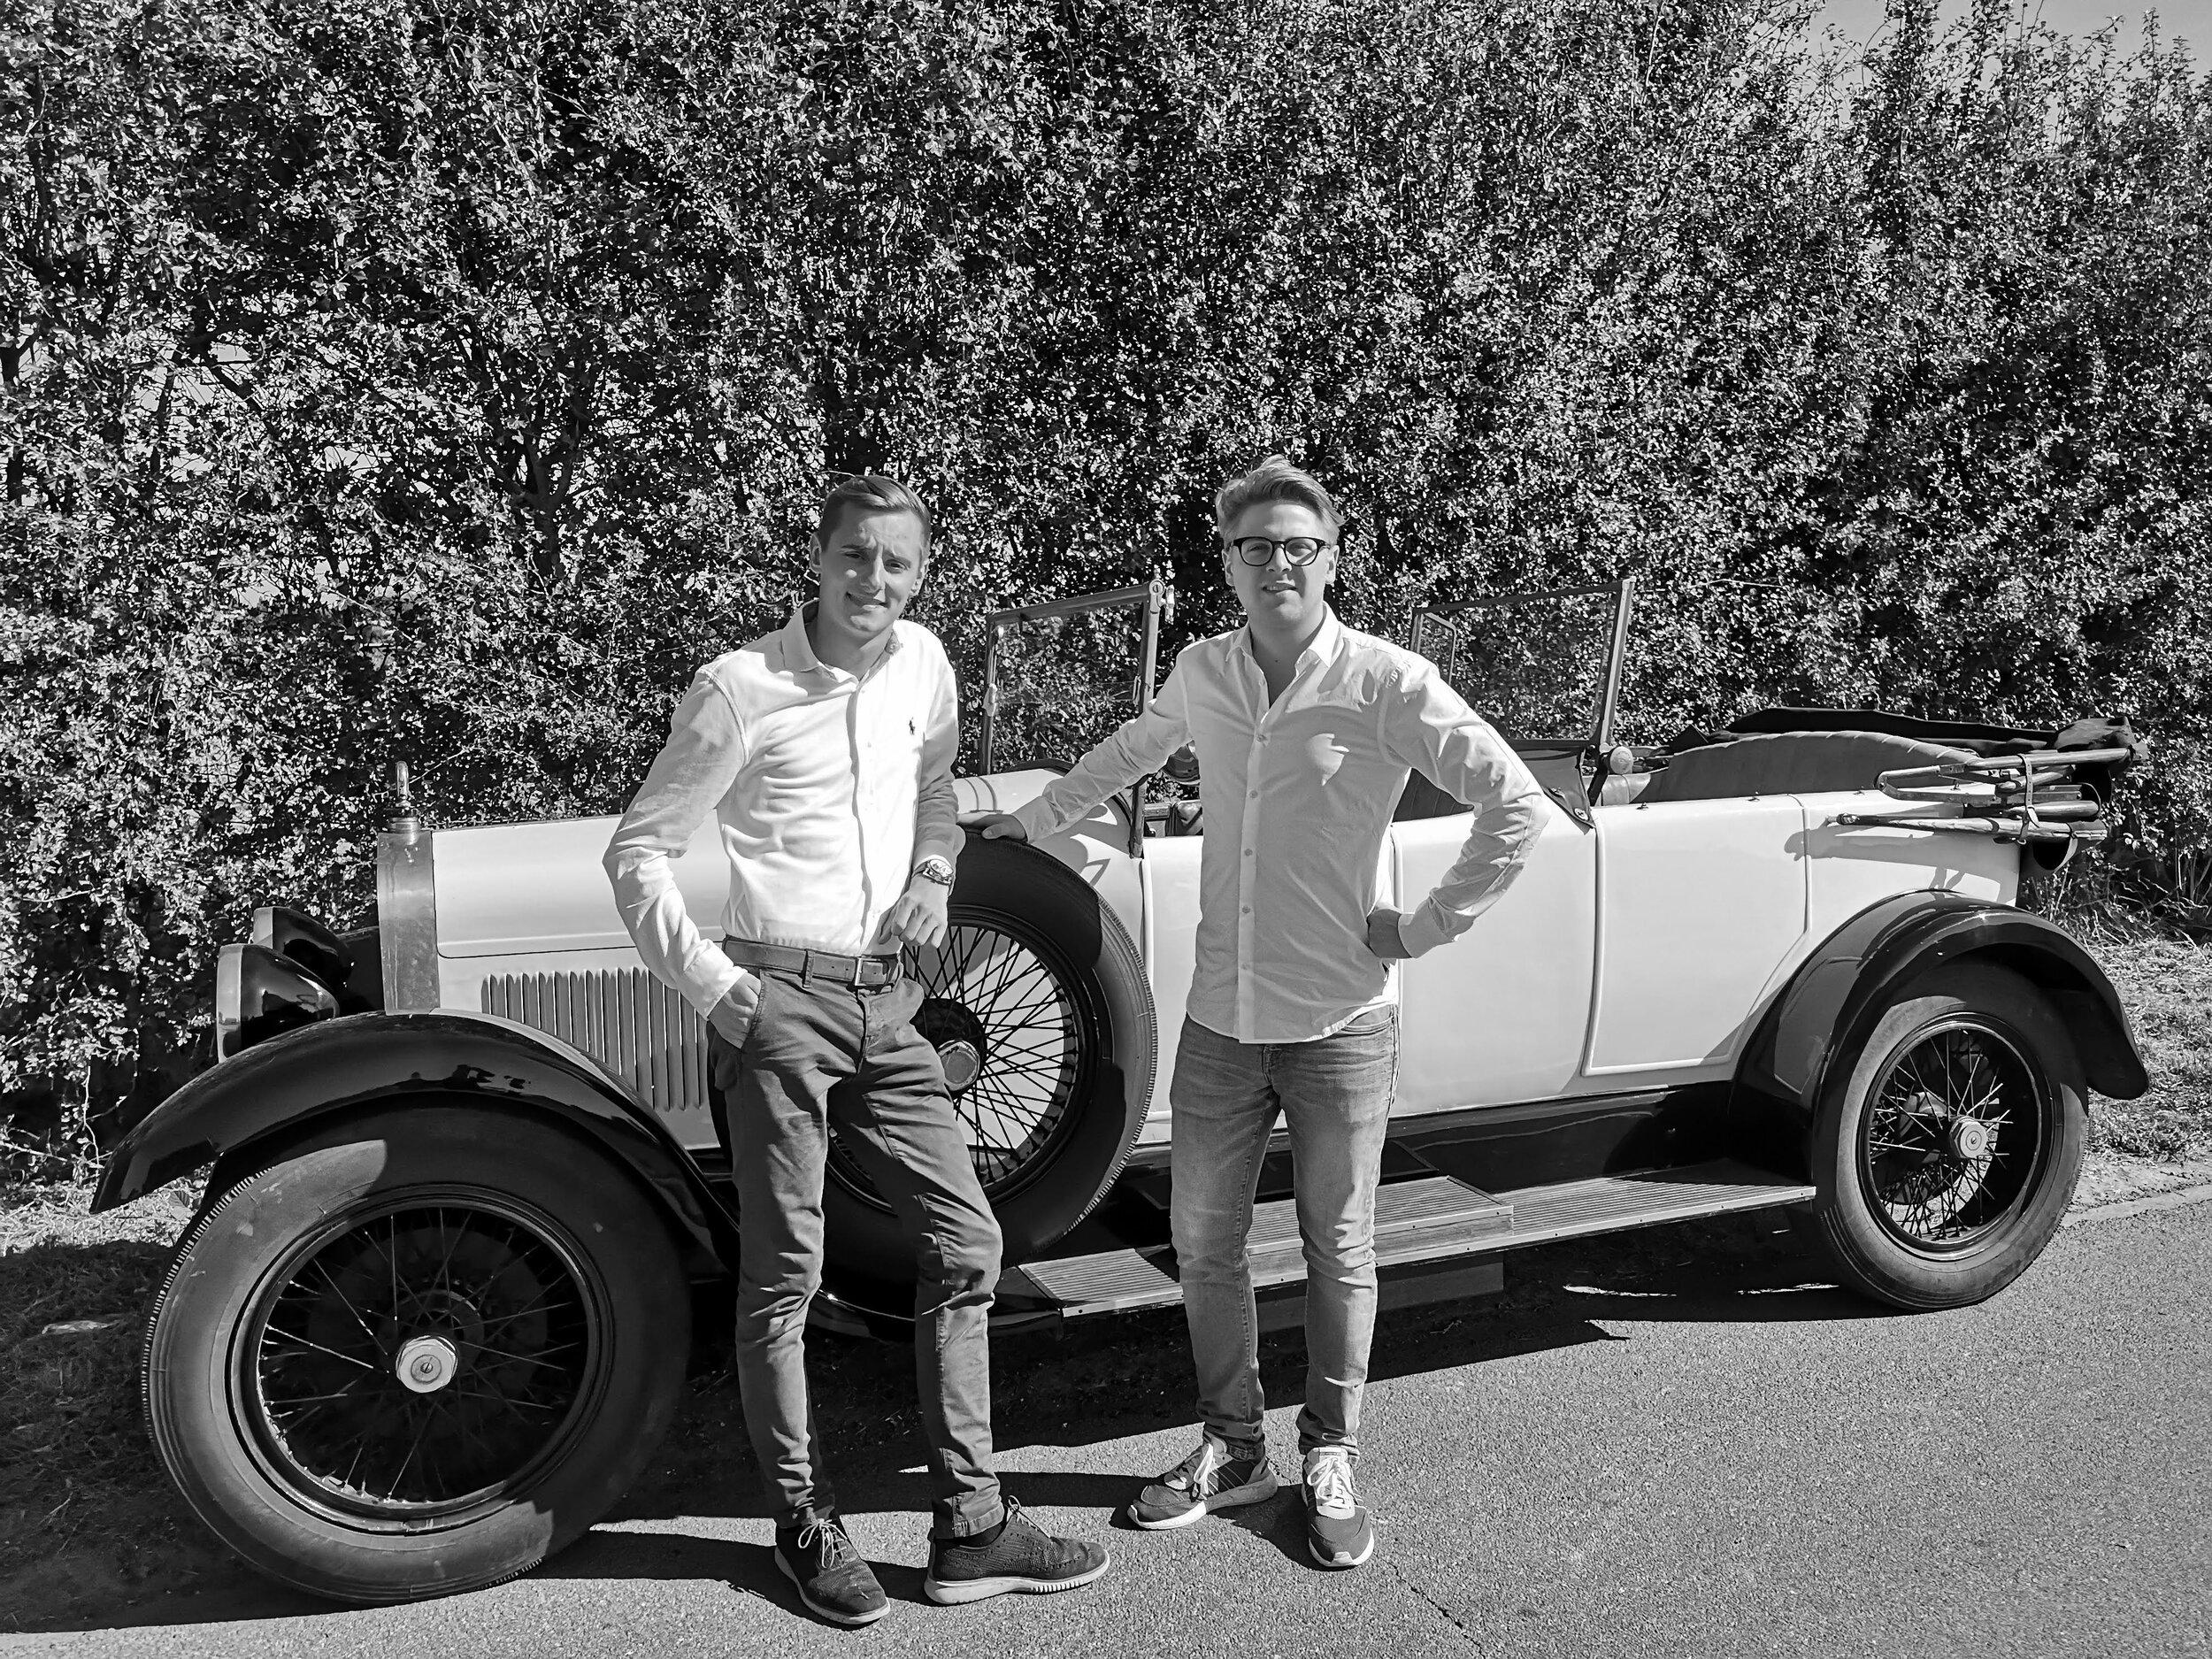 Michael Bossaert & Bas Meulemeester,  Prewar Days .  Studenten Event- en Projectmanagement   Unieke oldtimerbeurs die zich toespitst op de automotive branche van voor de tweede wereldoorlog.